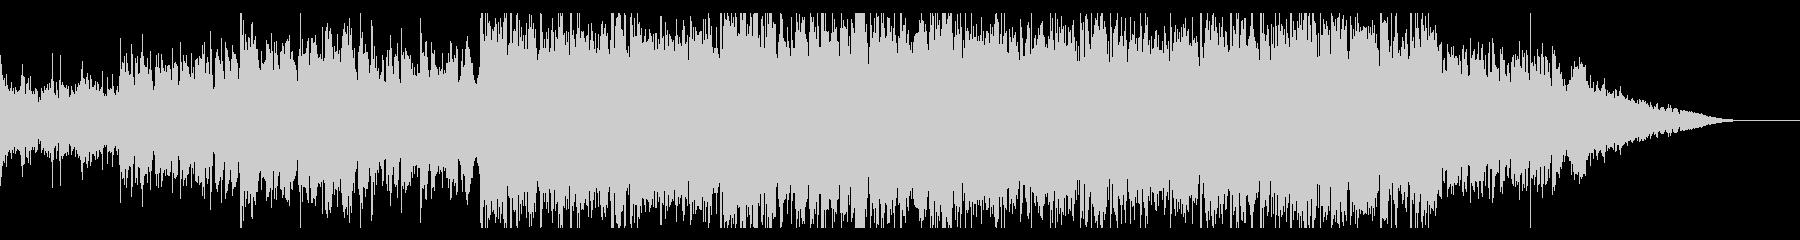 ダークでシネマティックなIDMの未再生の波形